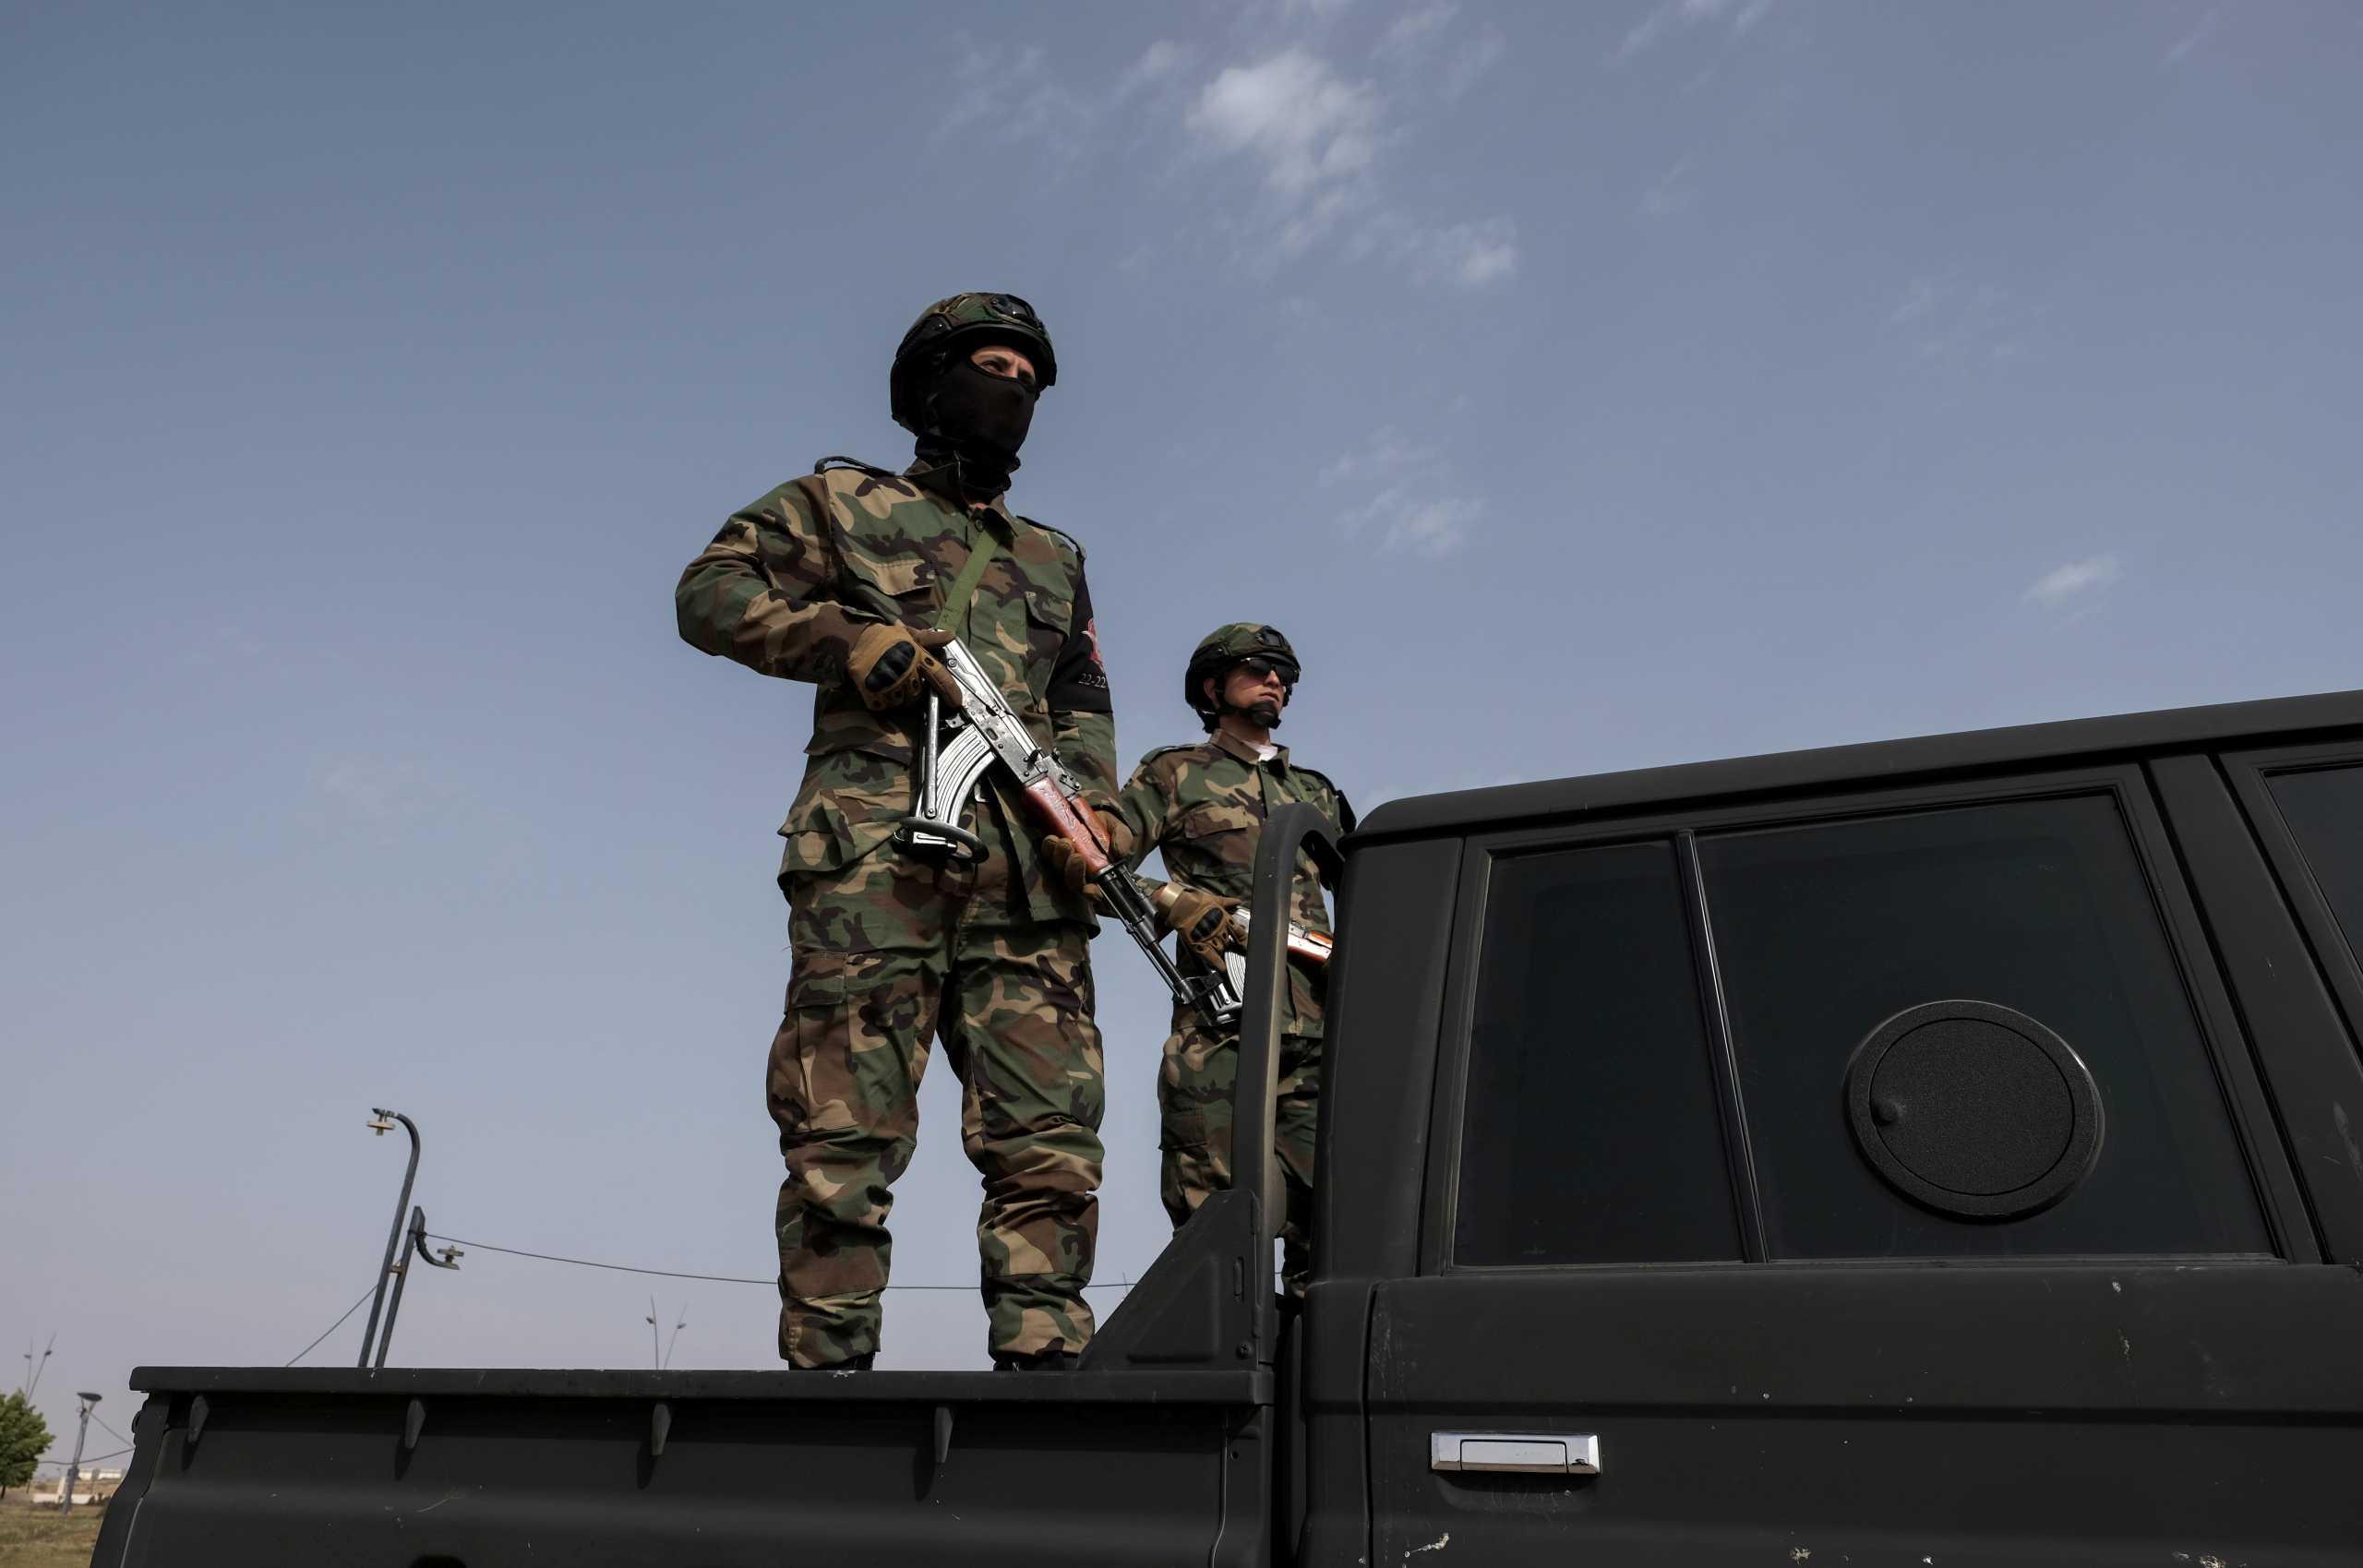 Λιβύη: 11 πτώματα βρέθηκαν στη νότια είσοδο της Βεγγάζης